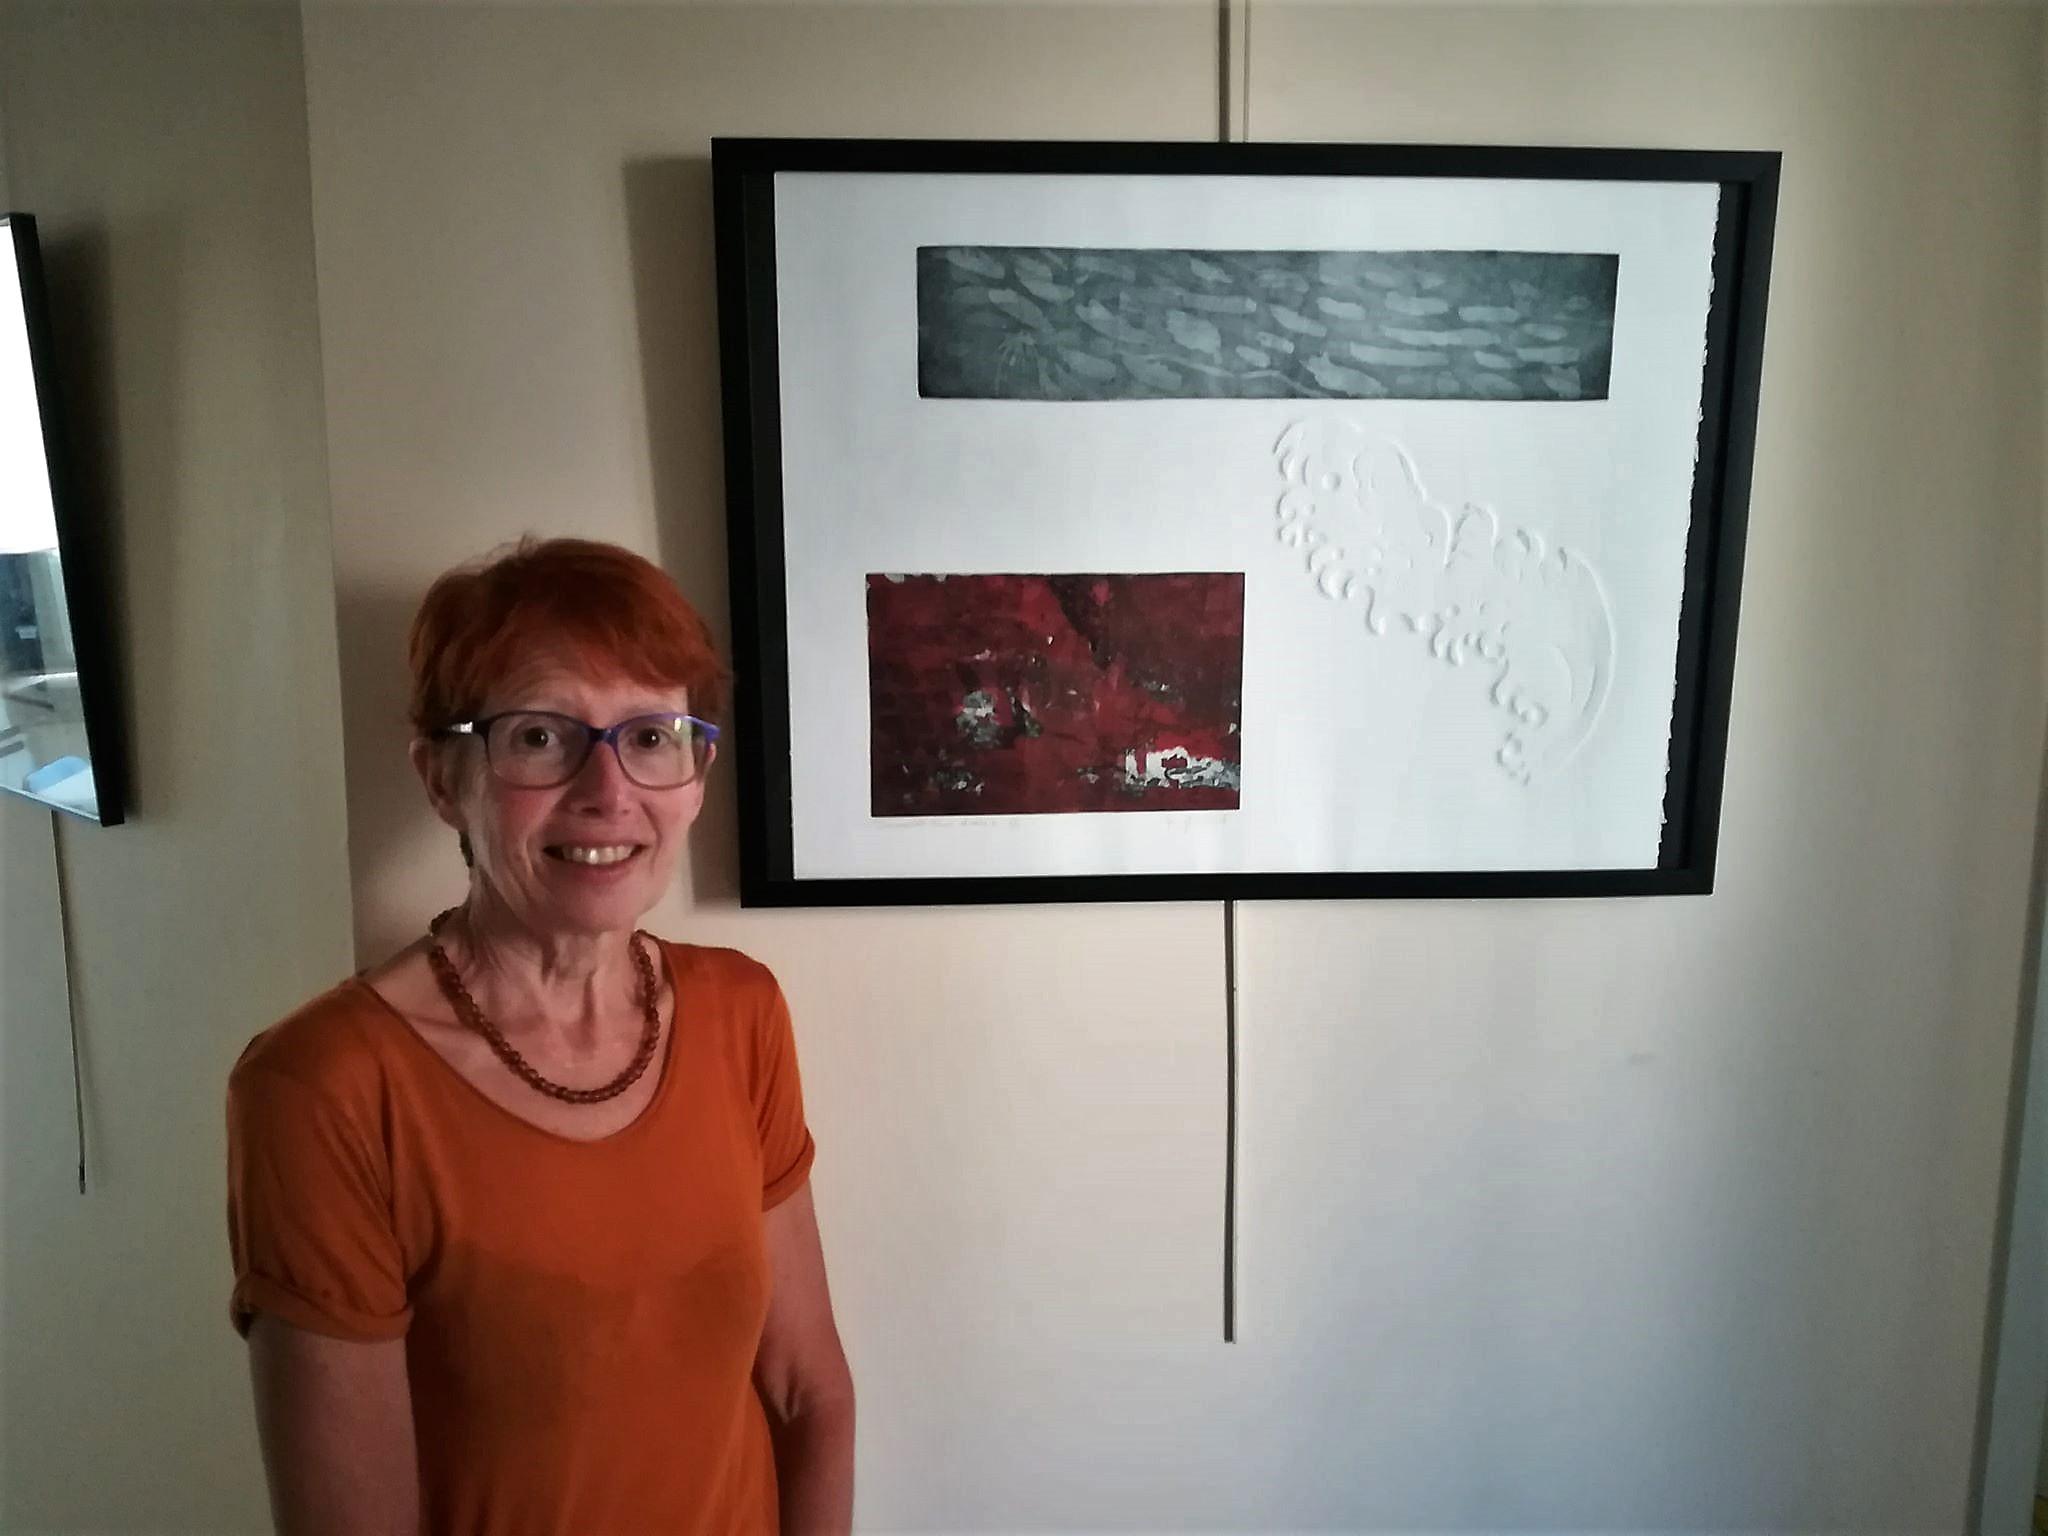 Les gravures de Maryline Viard sur les murs de Fréquence Mistral